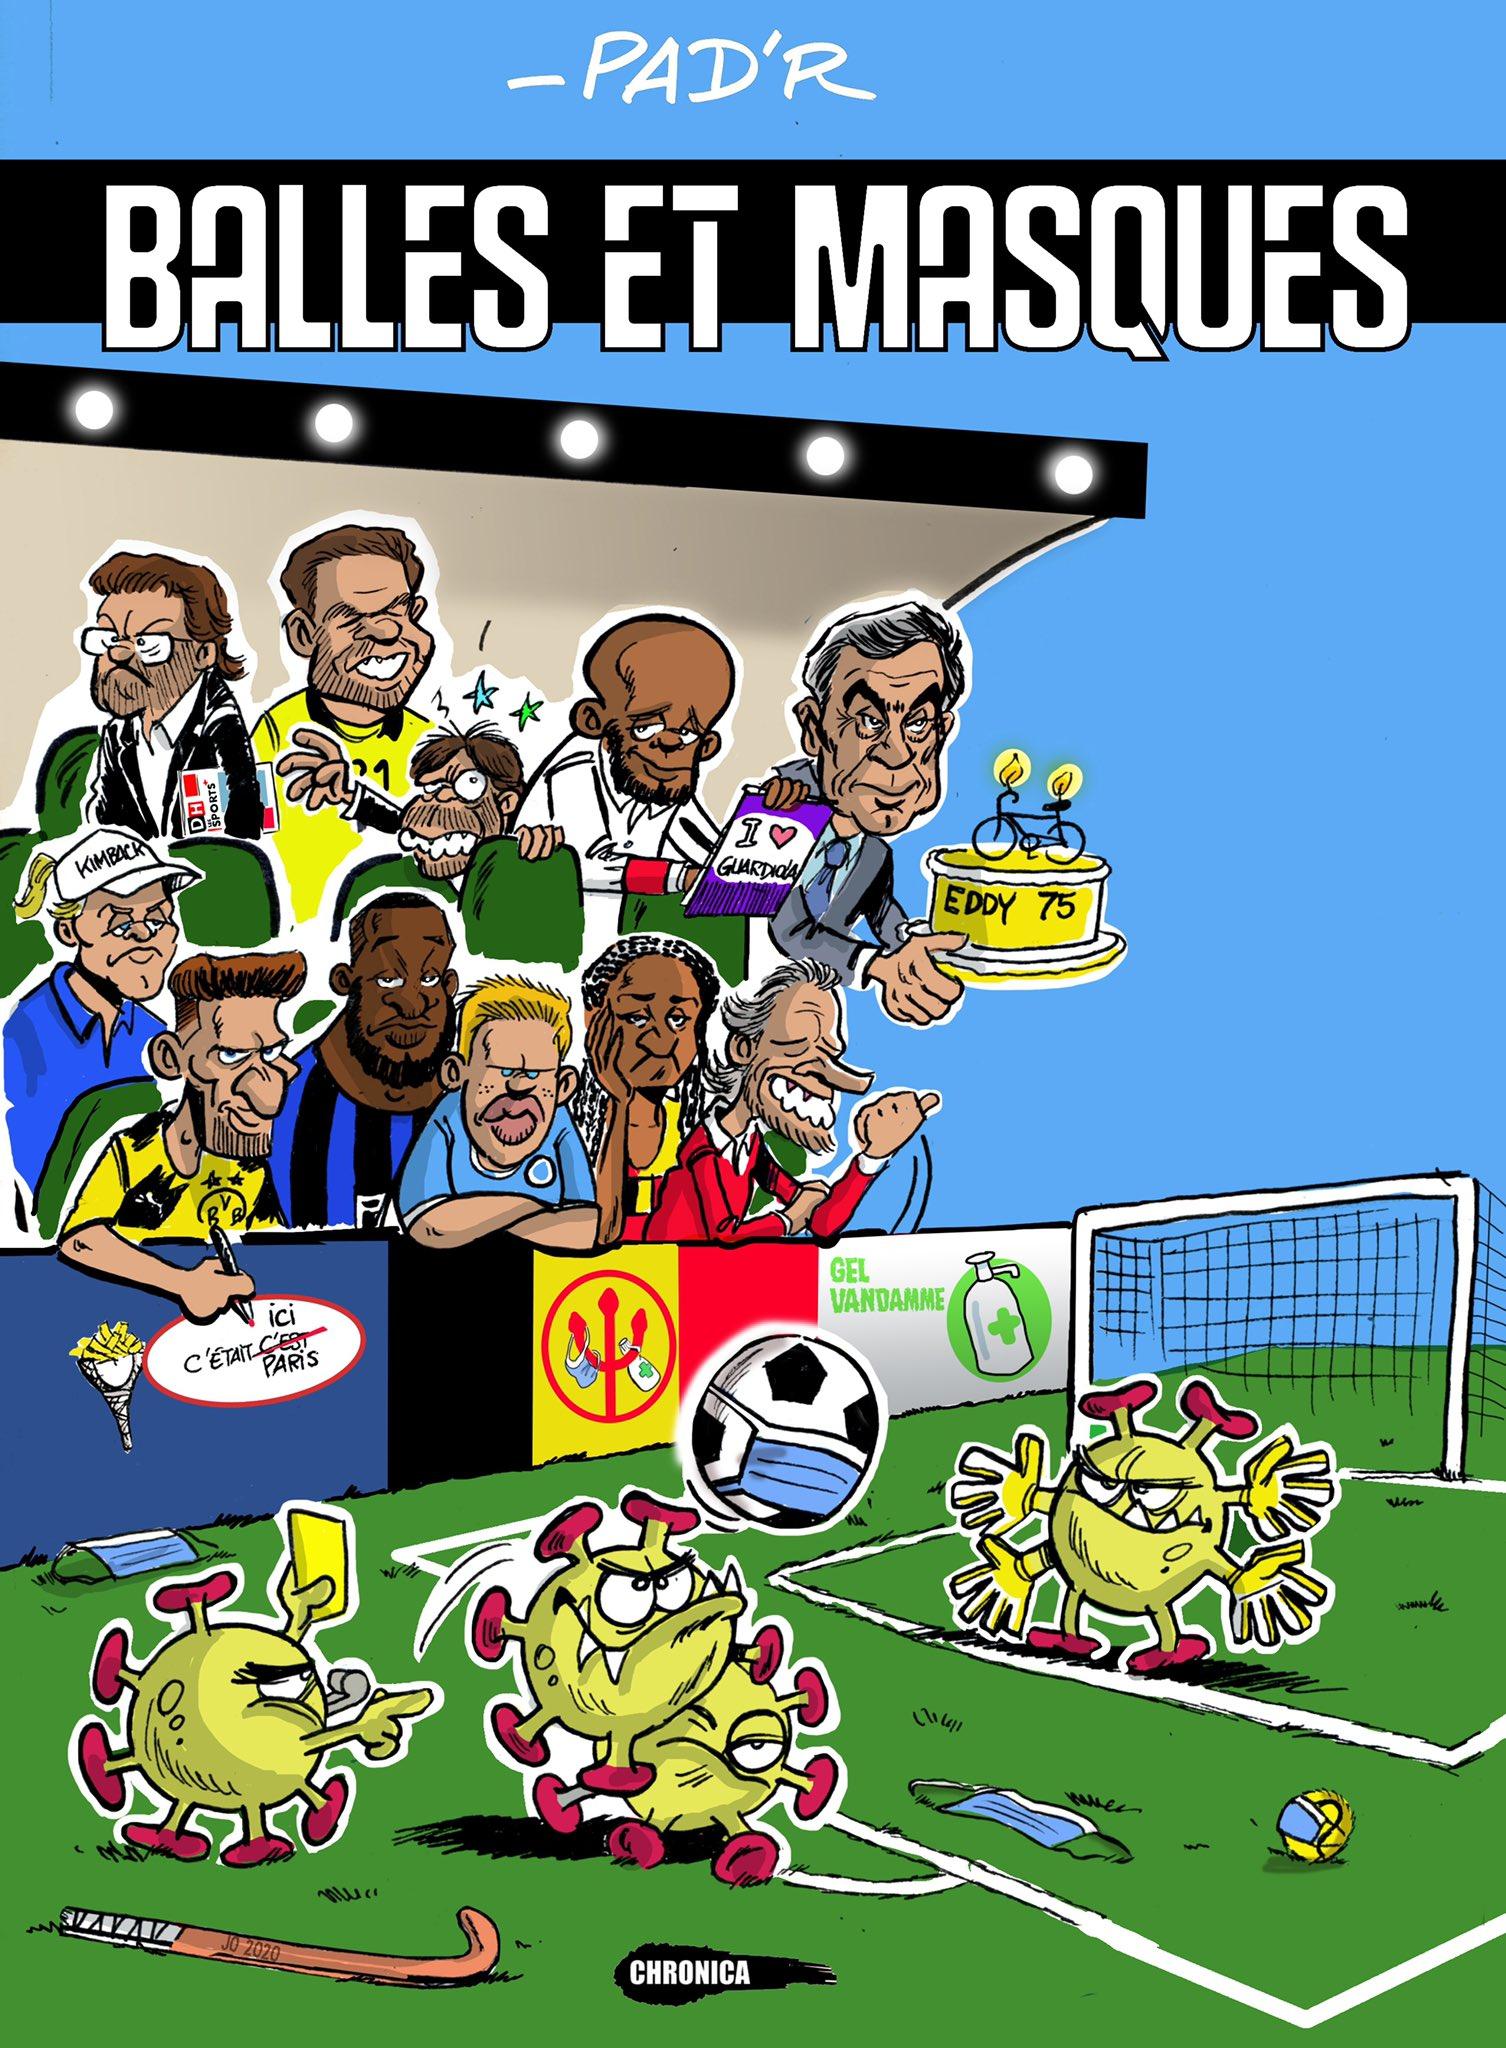 Balles et masques